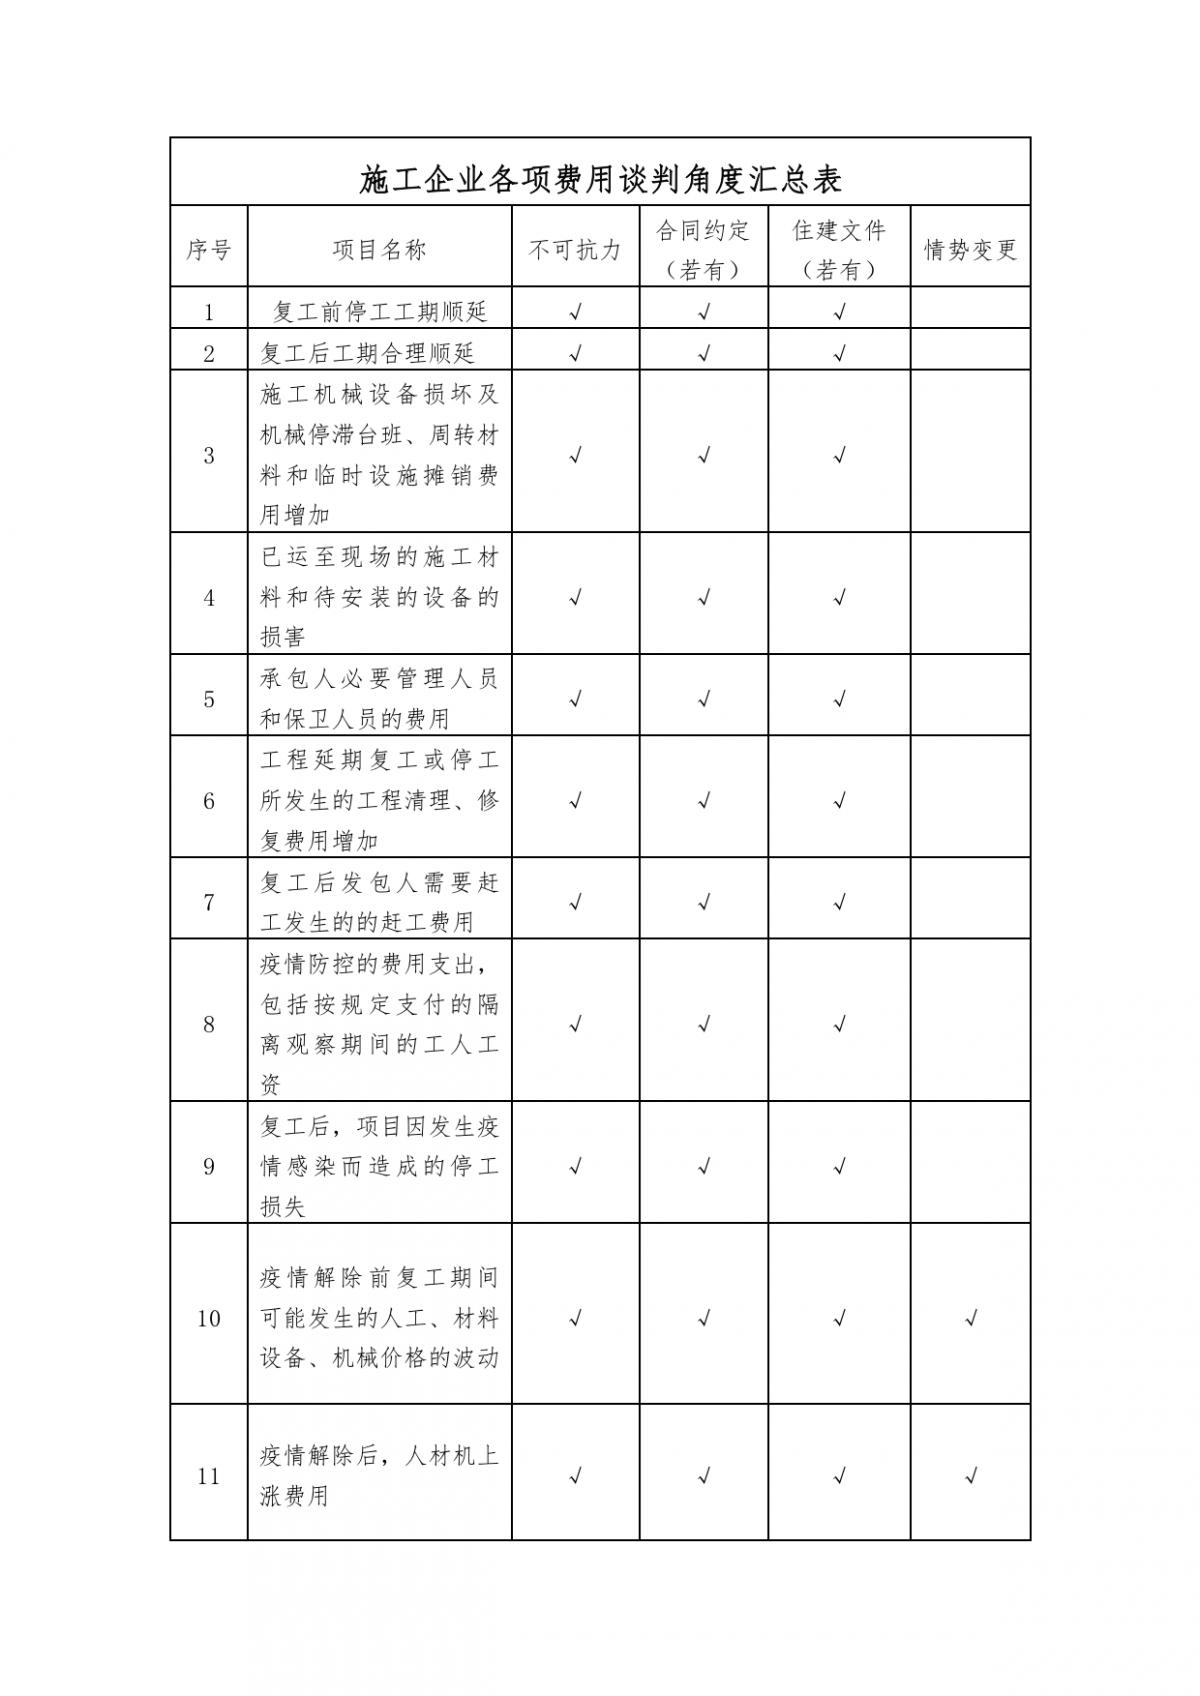 2020年度徐住建发36号附件2:《工程合同履约及工程价款调整处理意见对照表》.png